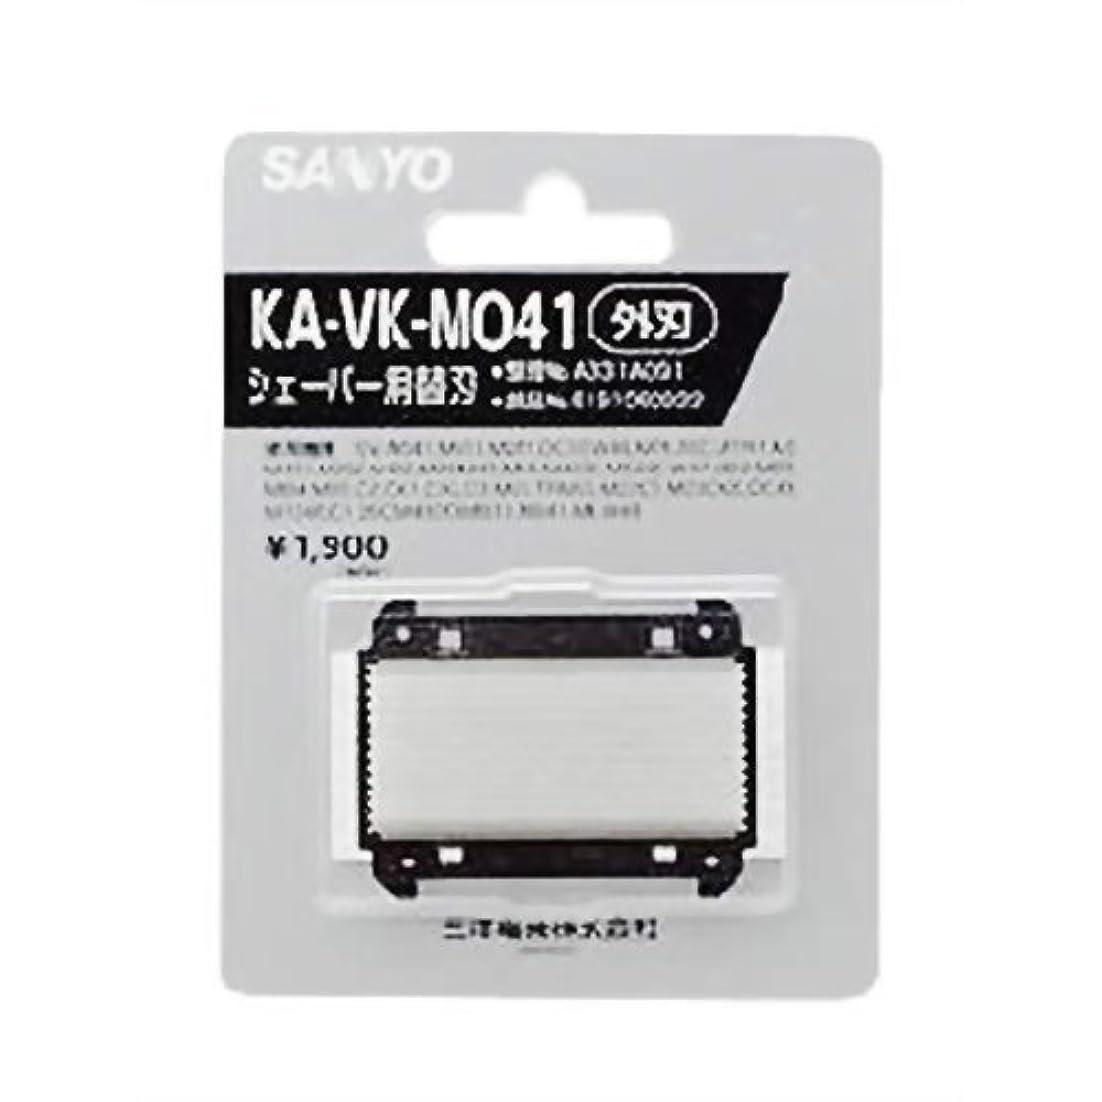 普遍的なクラックポット器具SANYO シェーバー用替刃 外刃 KA-VK-M041